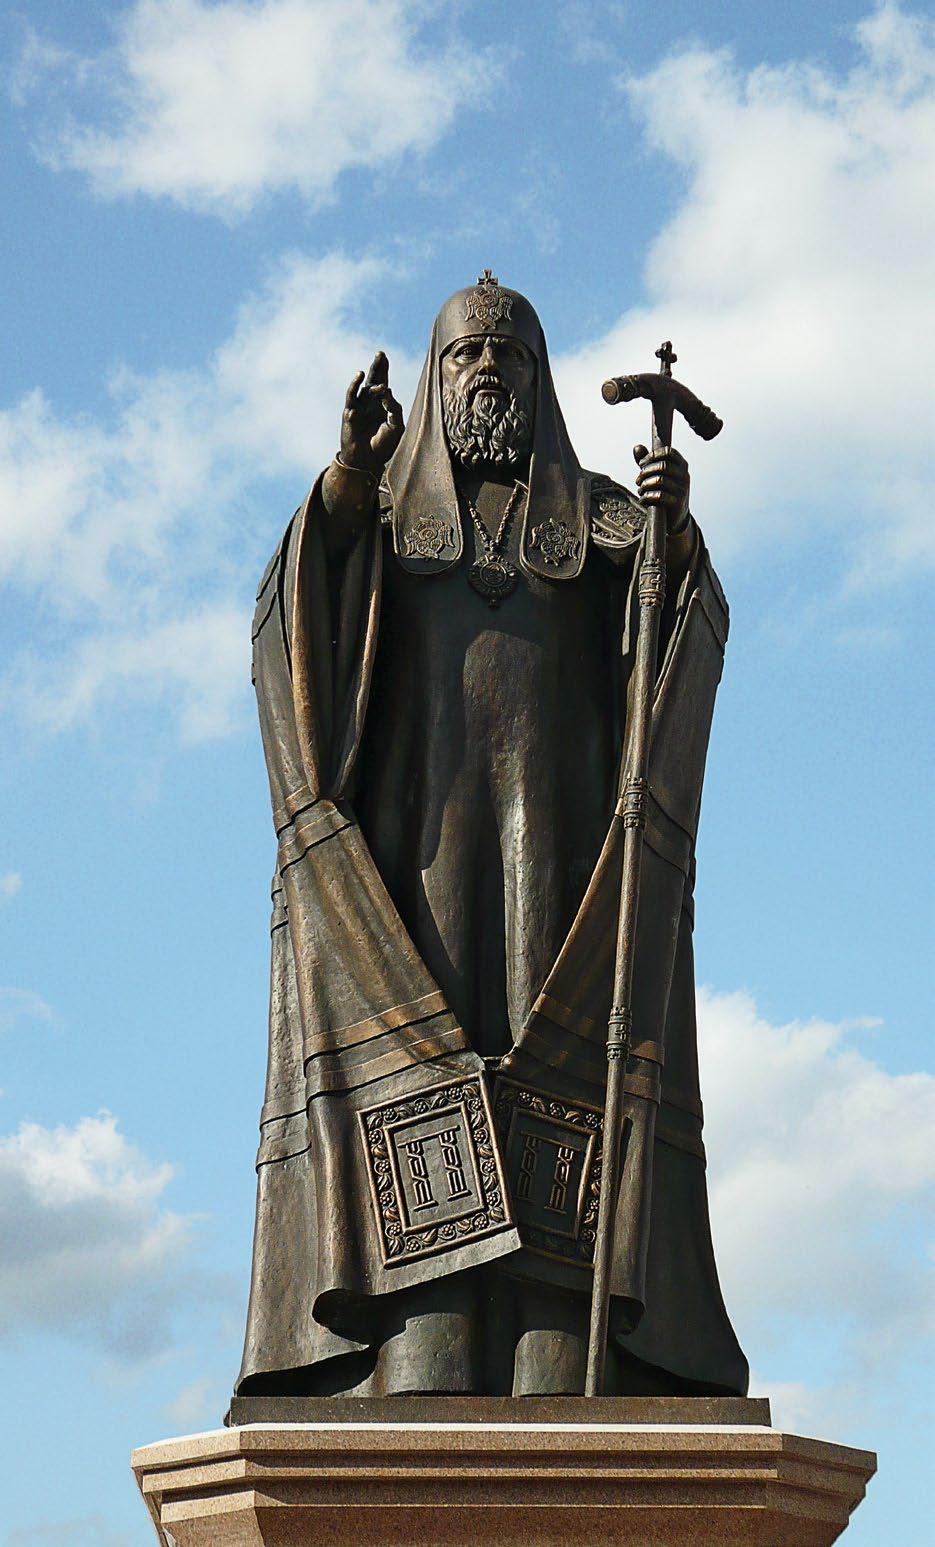 Памятник патриарху Московскому и всея Руси Пимену в Ногинске